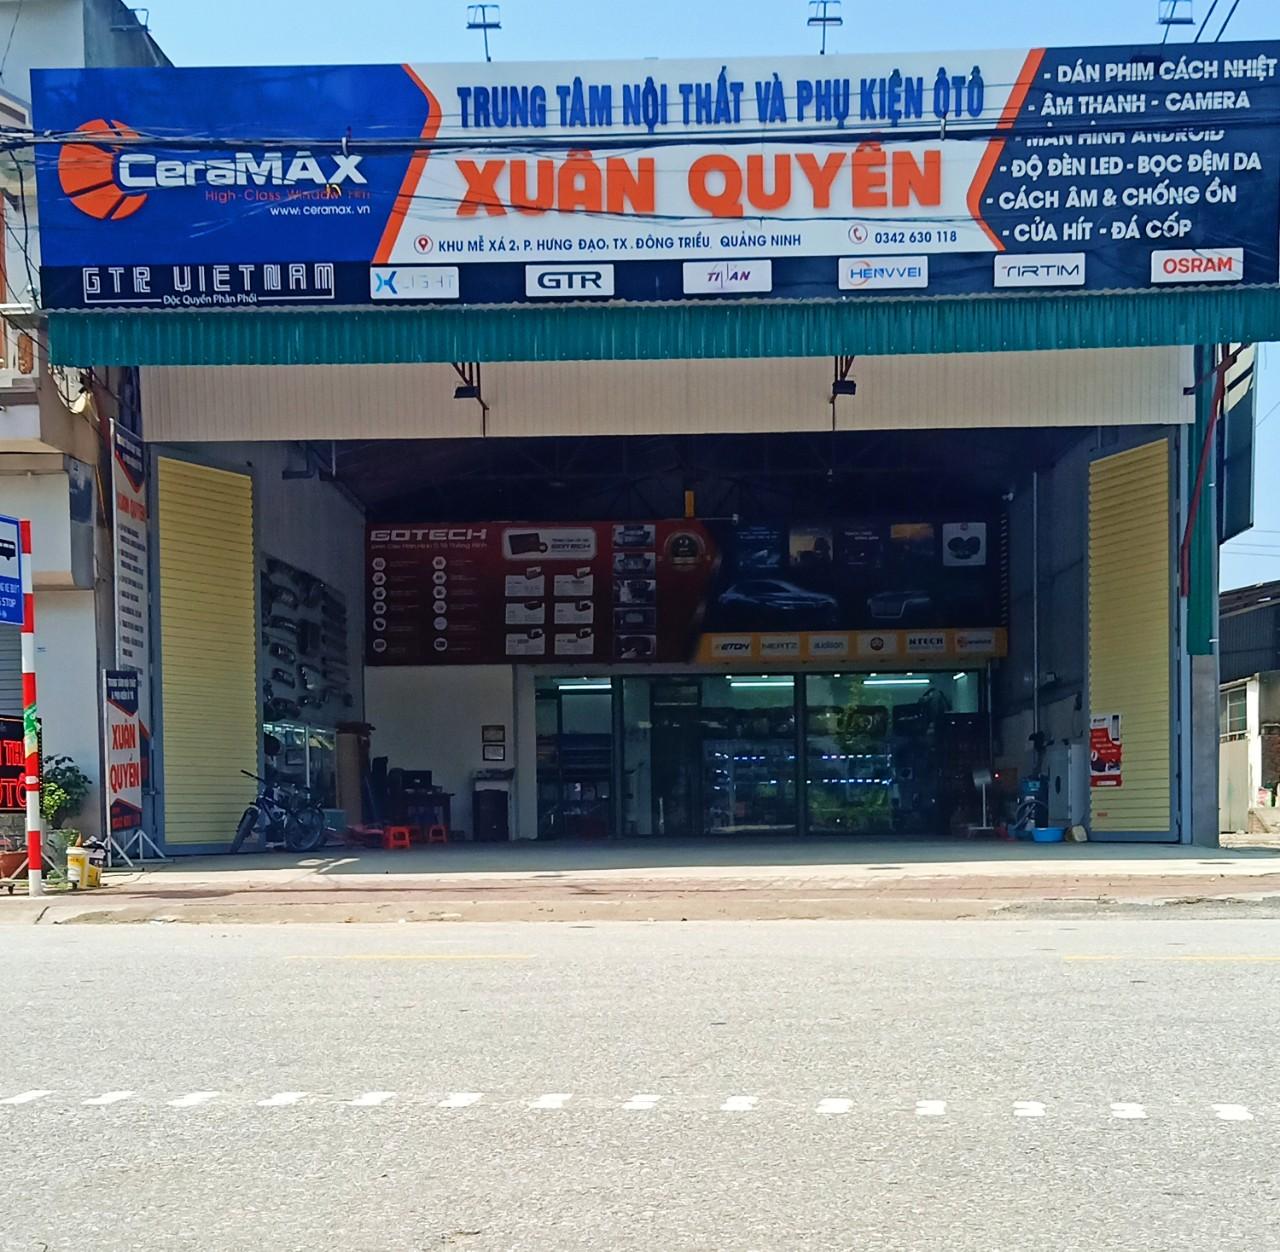 Trung tâm nội thất ô tô Xuân Quyền